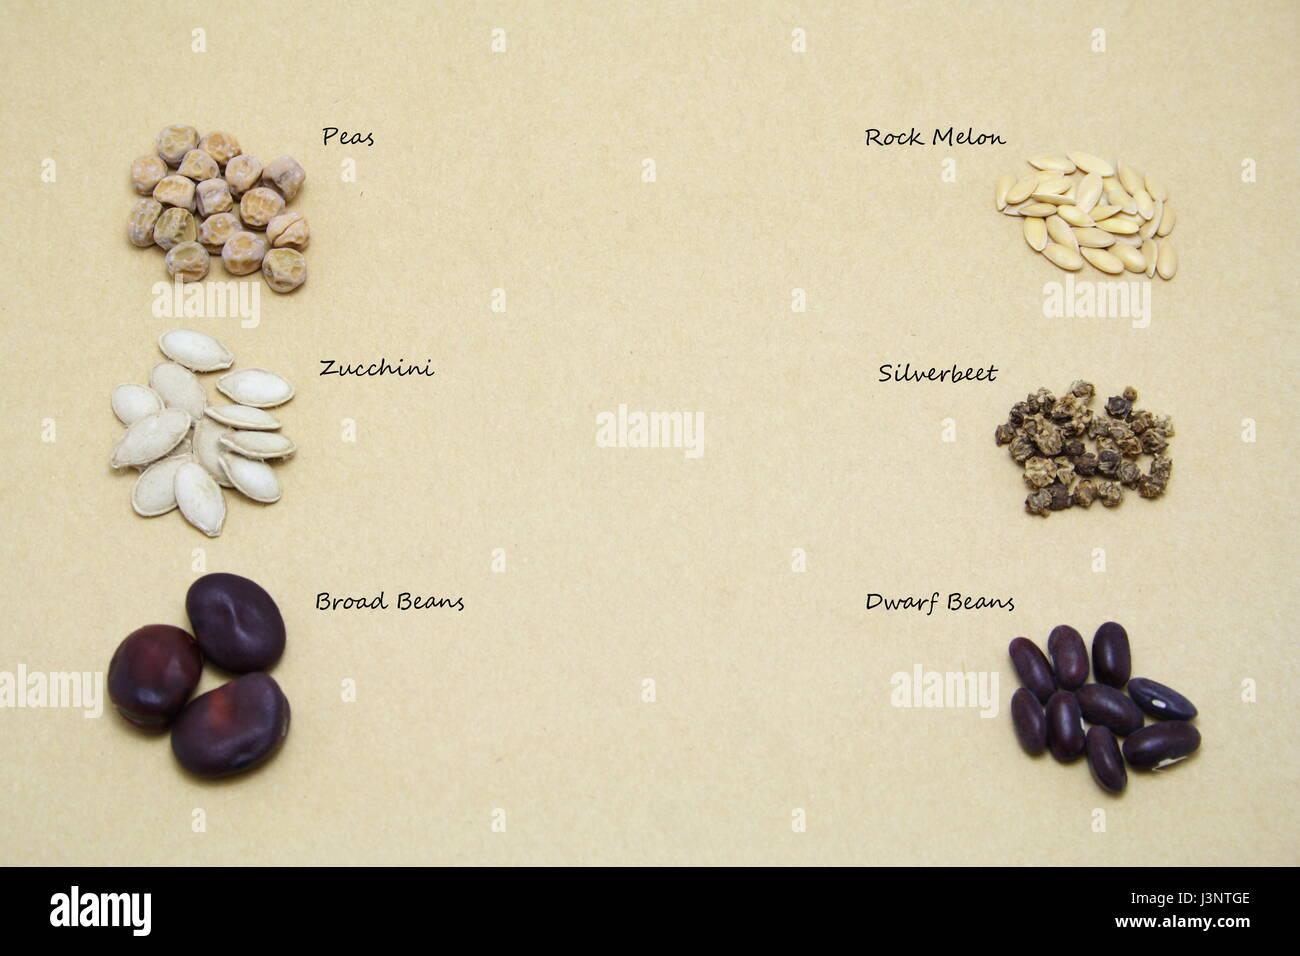 Seed Varieties - Stock Image